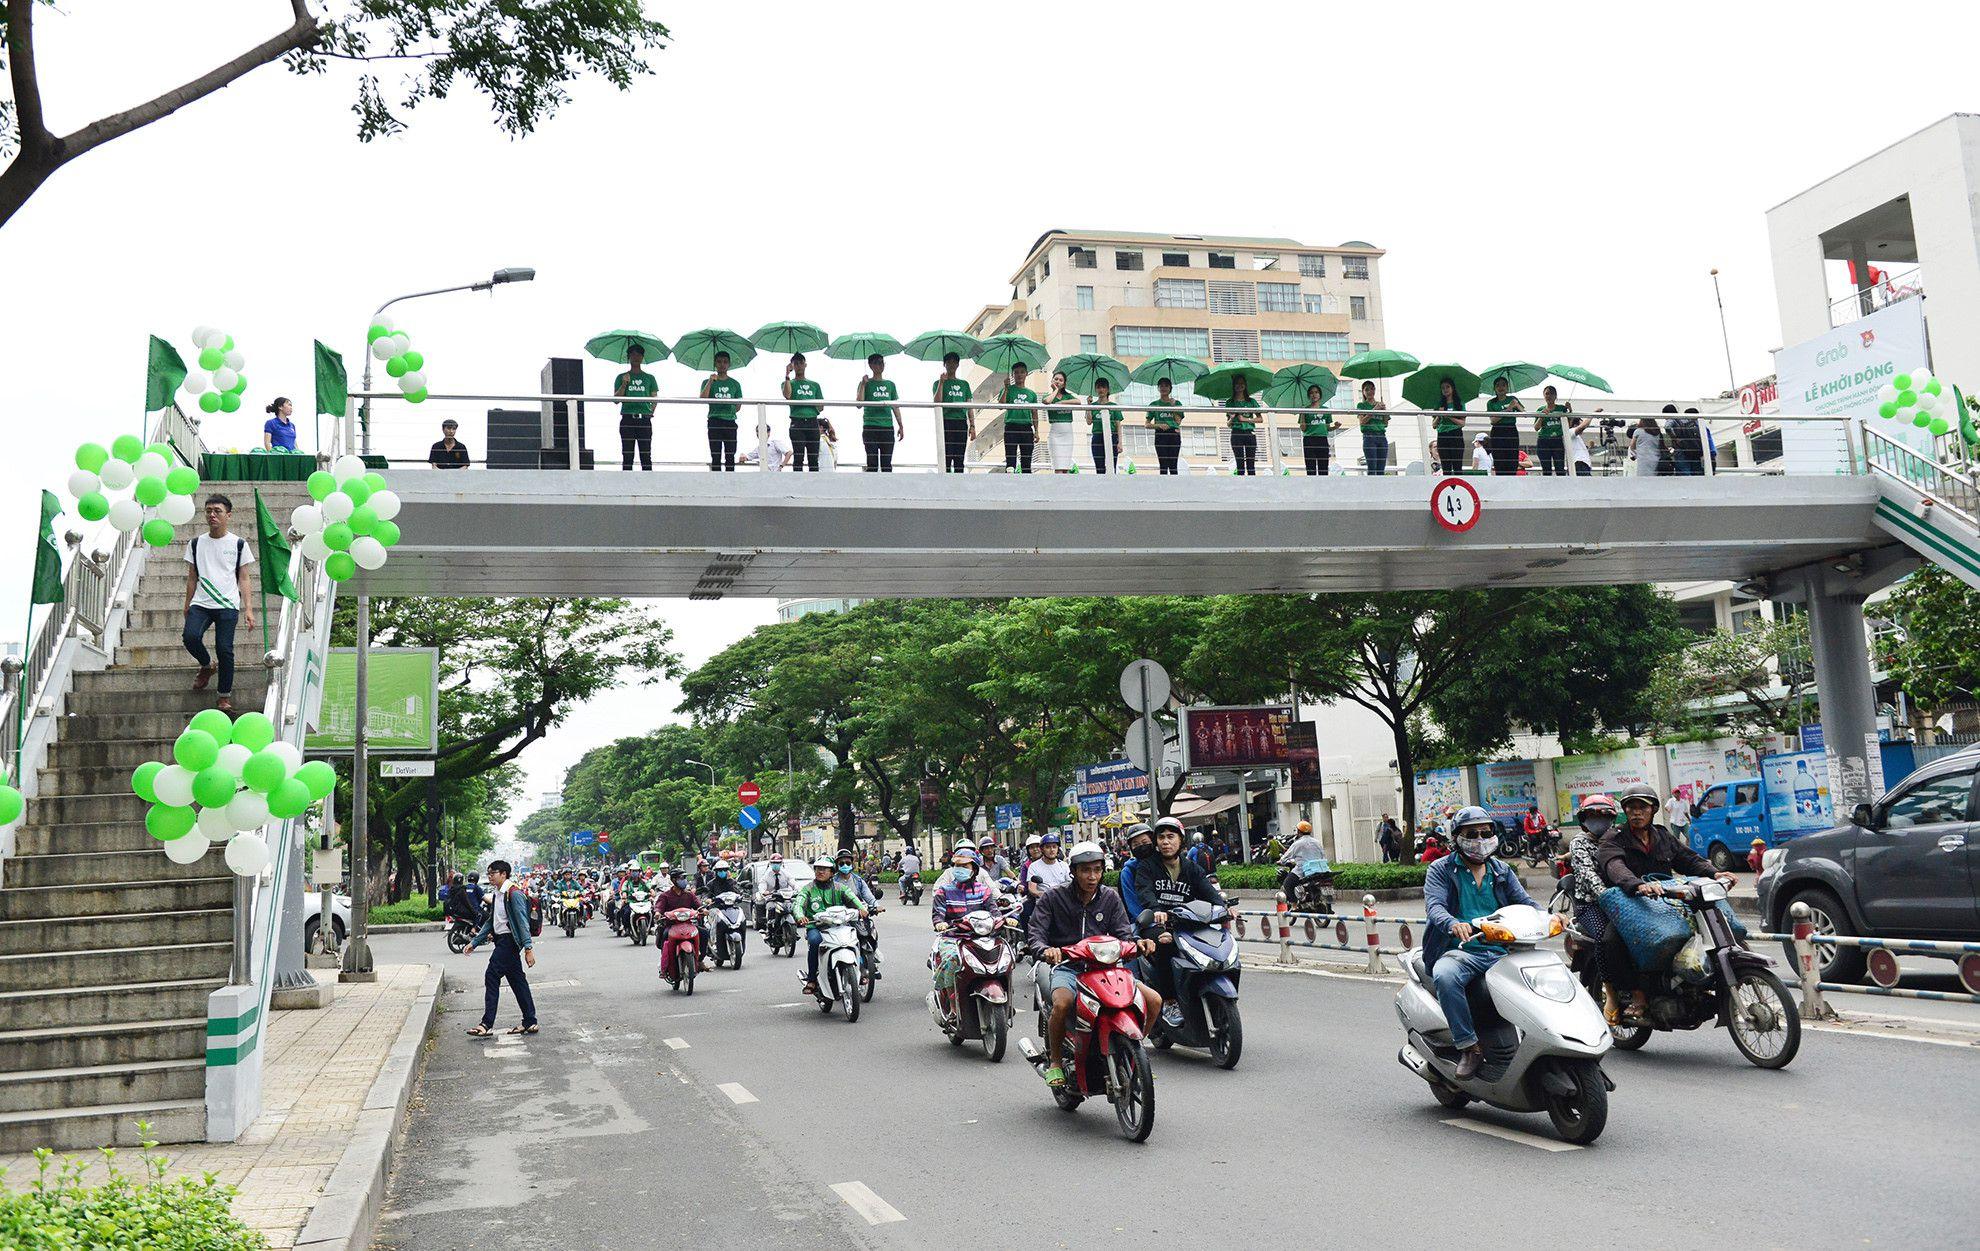 Cầu bộ hành Sài Gòn được phủ xanh, thu hút nhiều bạn trẻ Ảnh 4